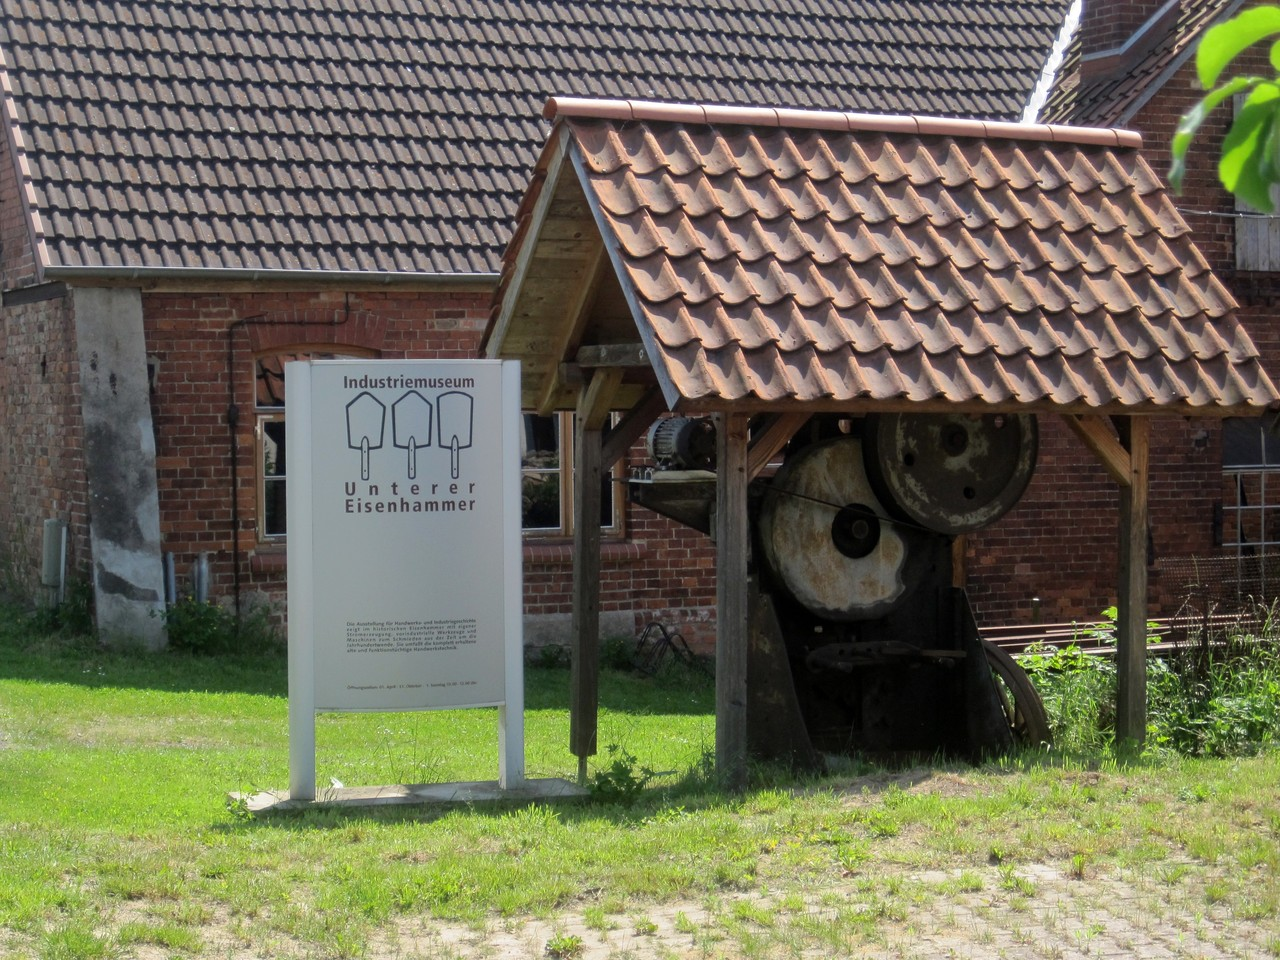 Industriedenkmal Untere Eisenhammer